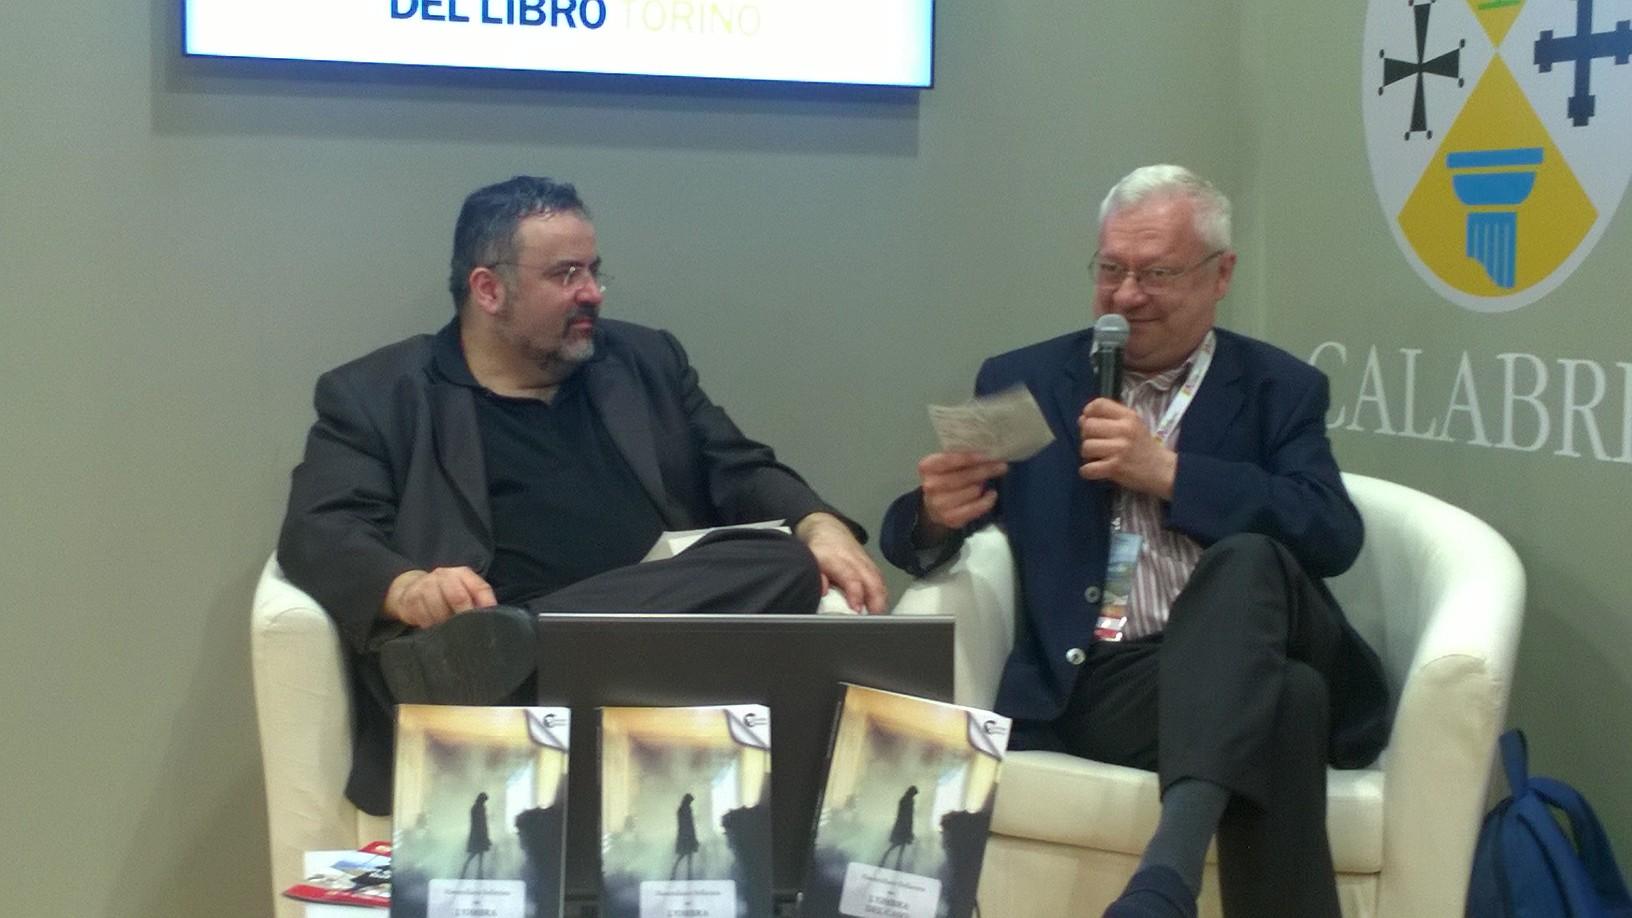 Foto Colombero e Max